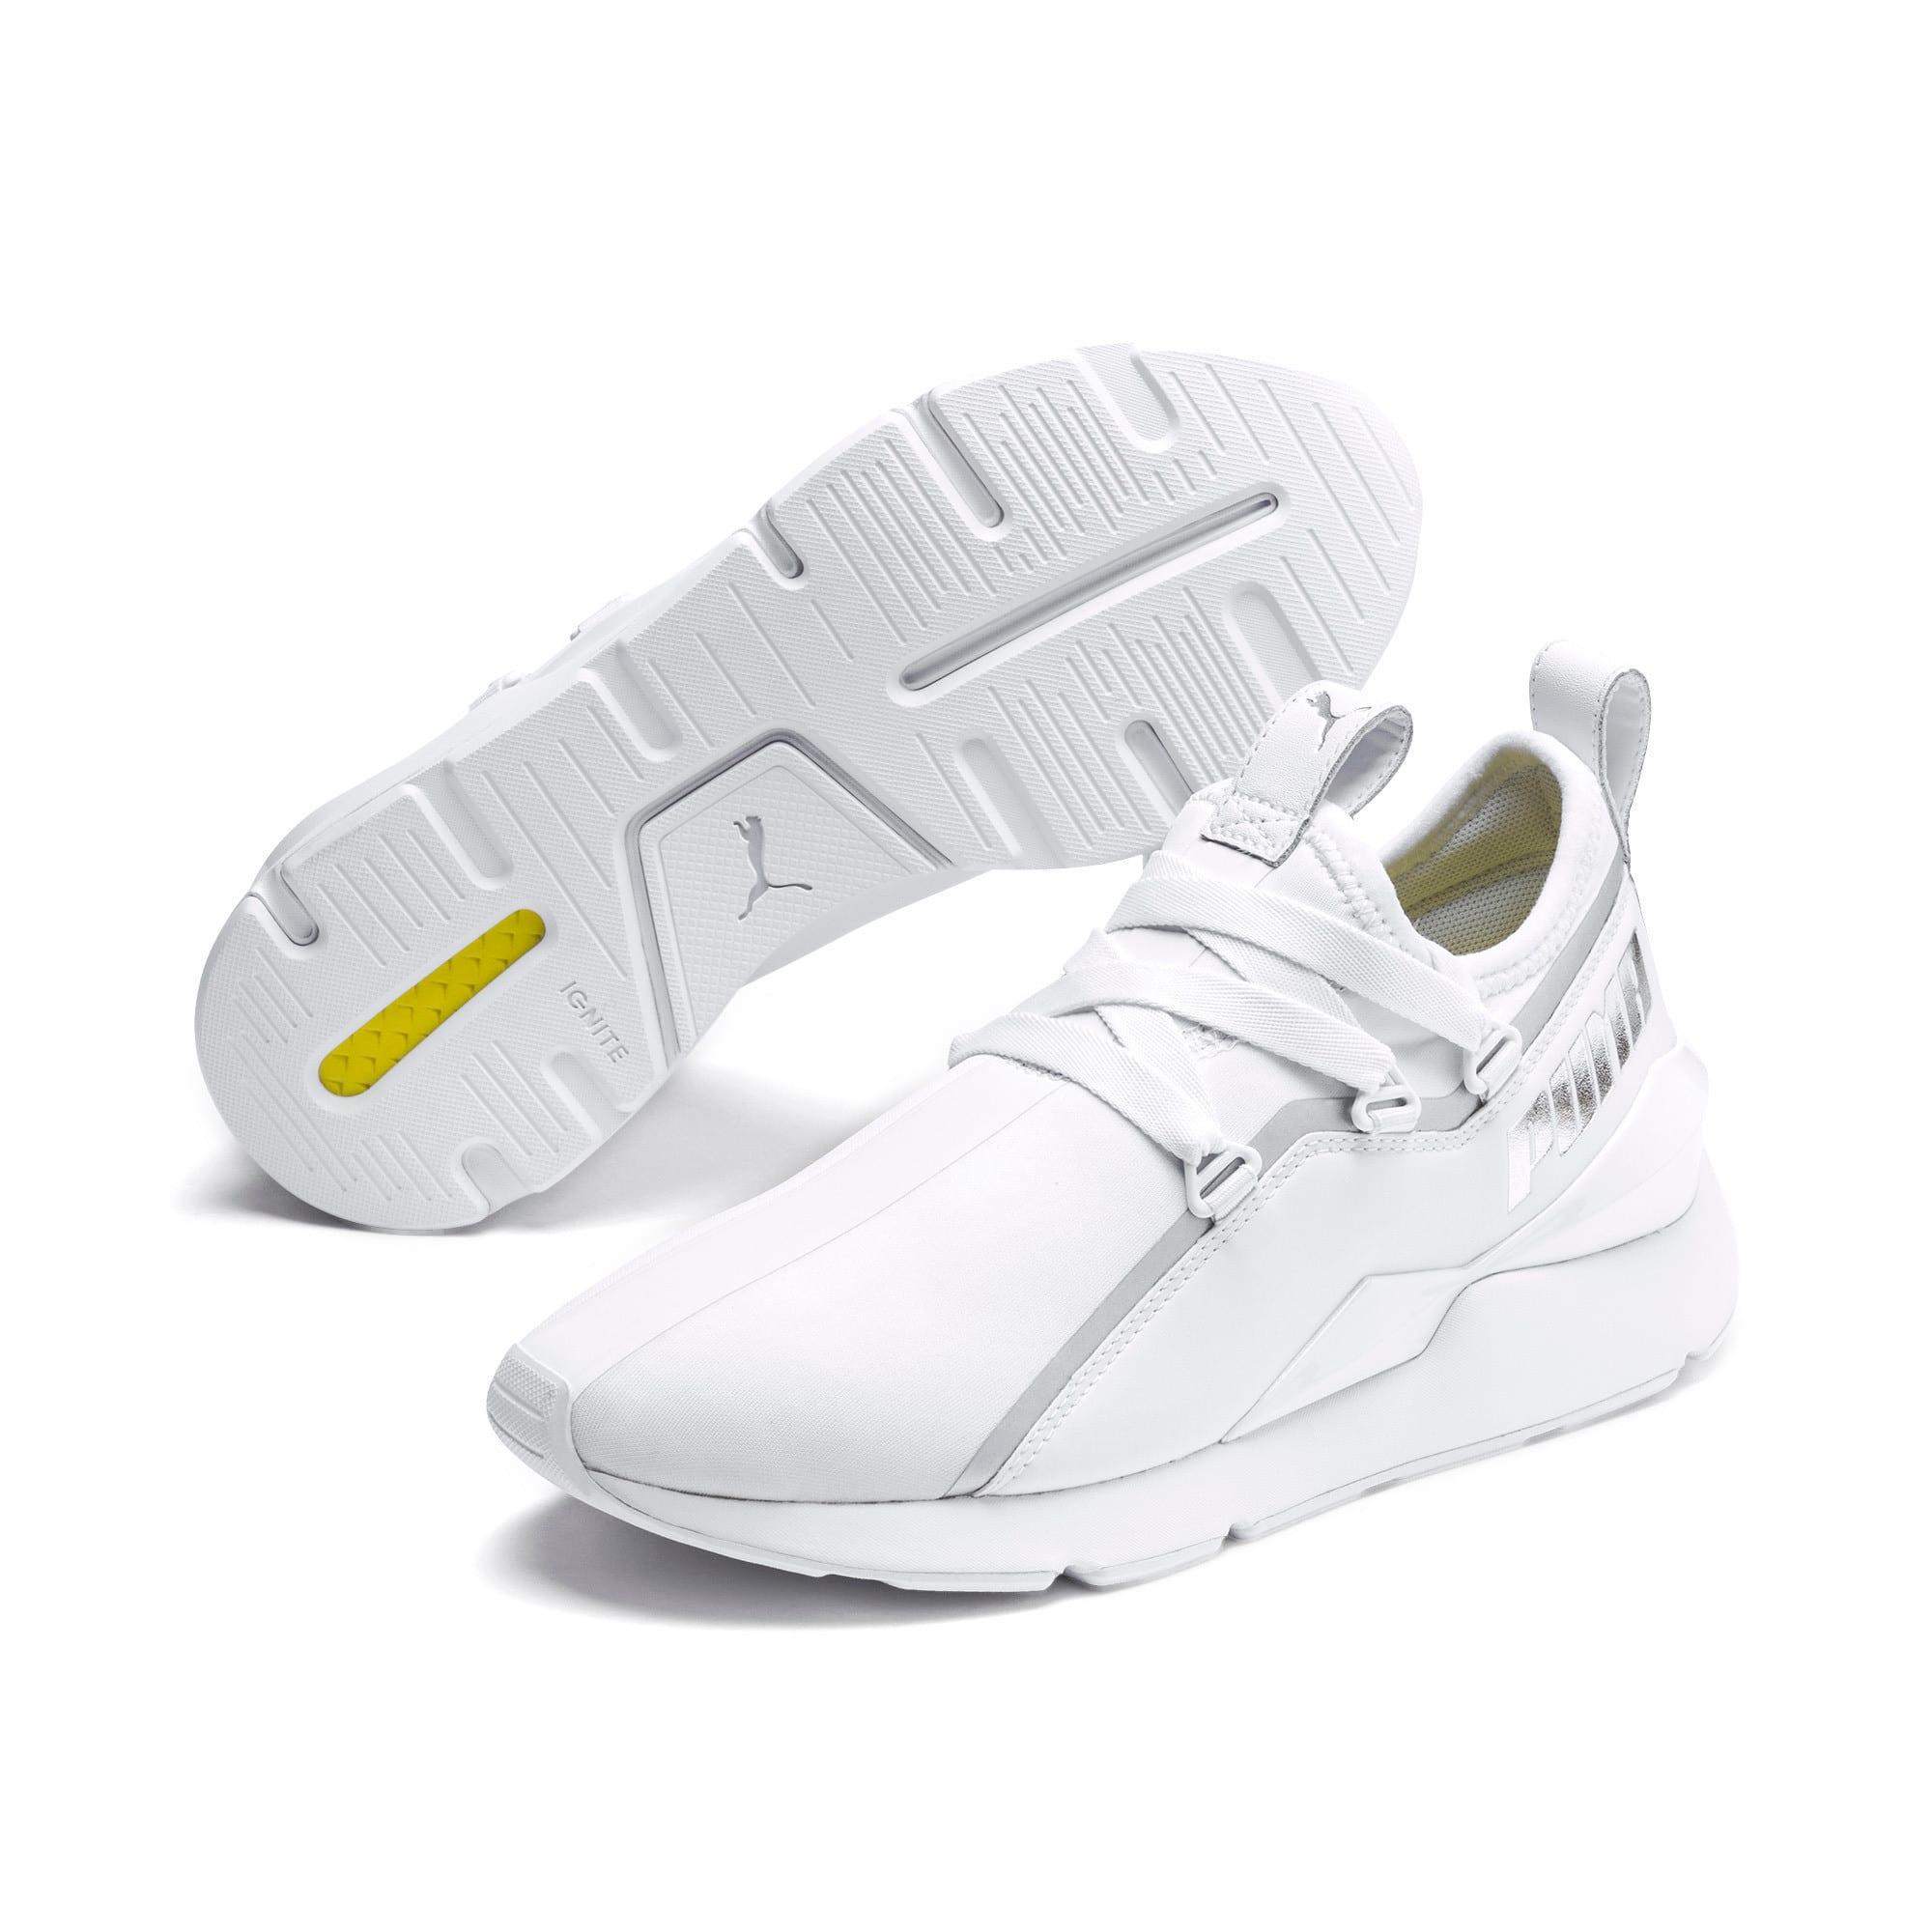 Miniatura 3 de Zapatos deportivos Muse2Trailblazer para mujer, Puma White-Puma Silver, mediano